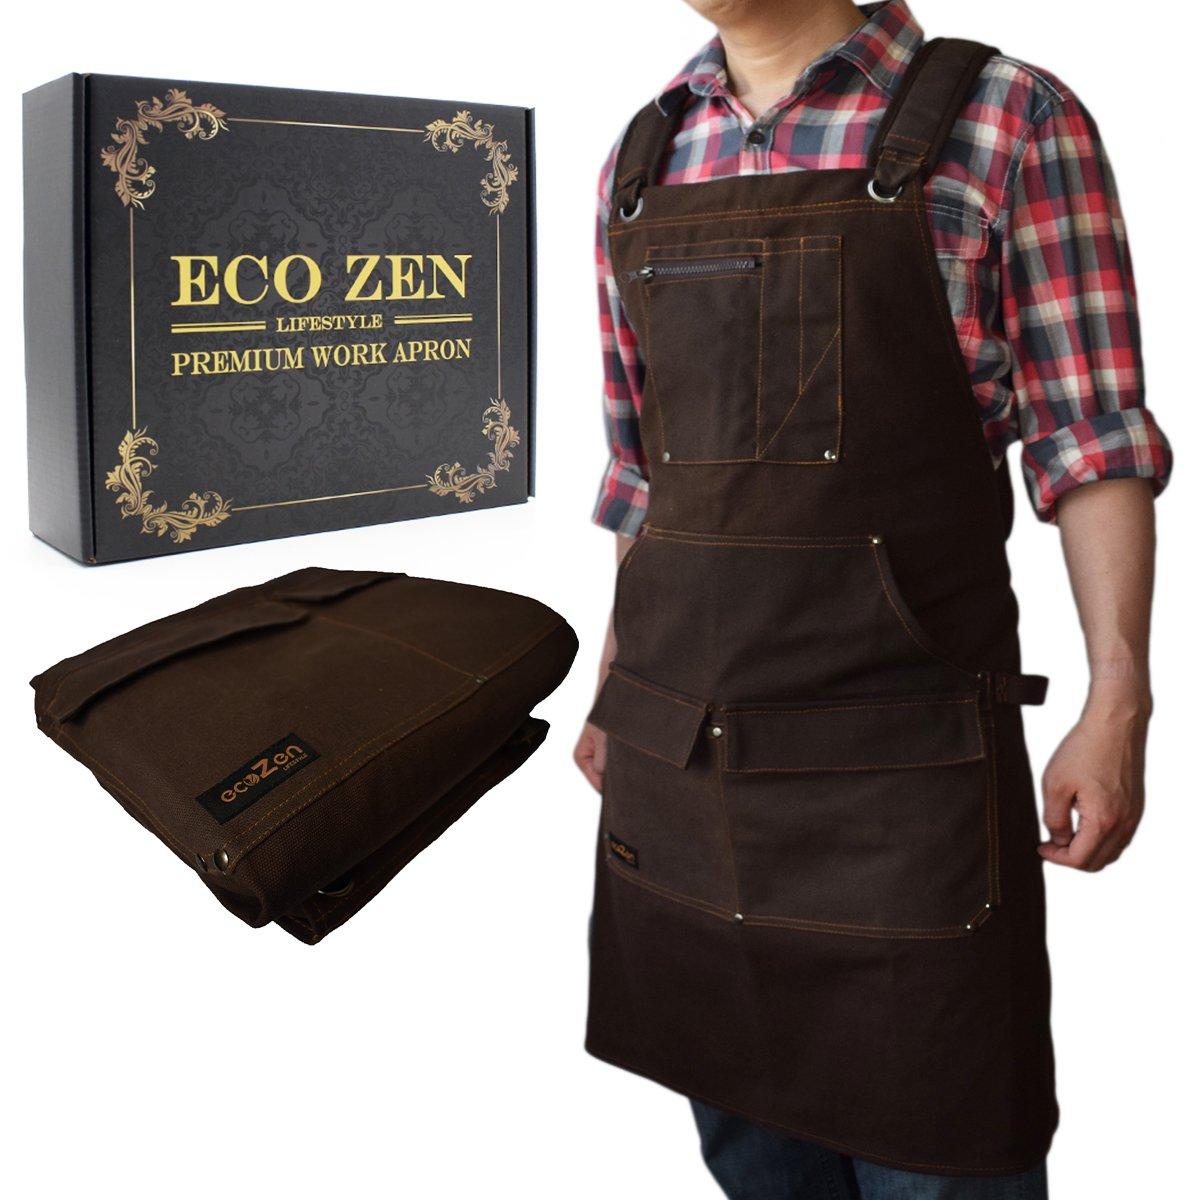 EcoZen Shop Apron